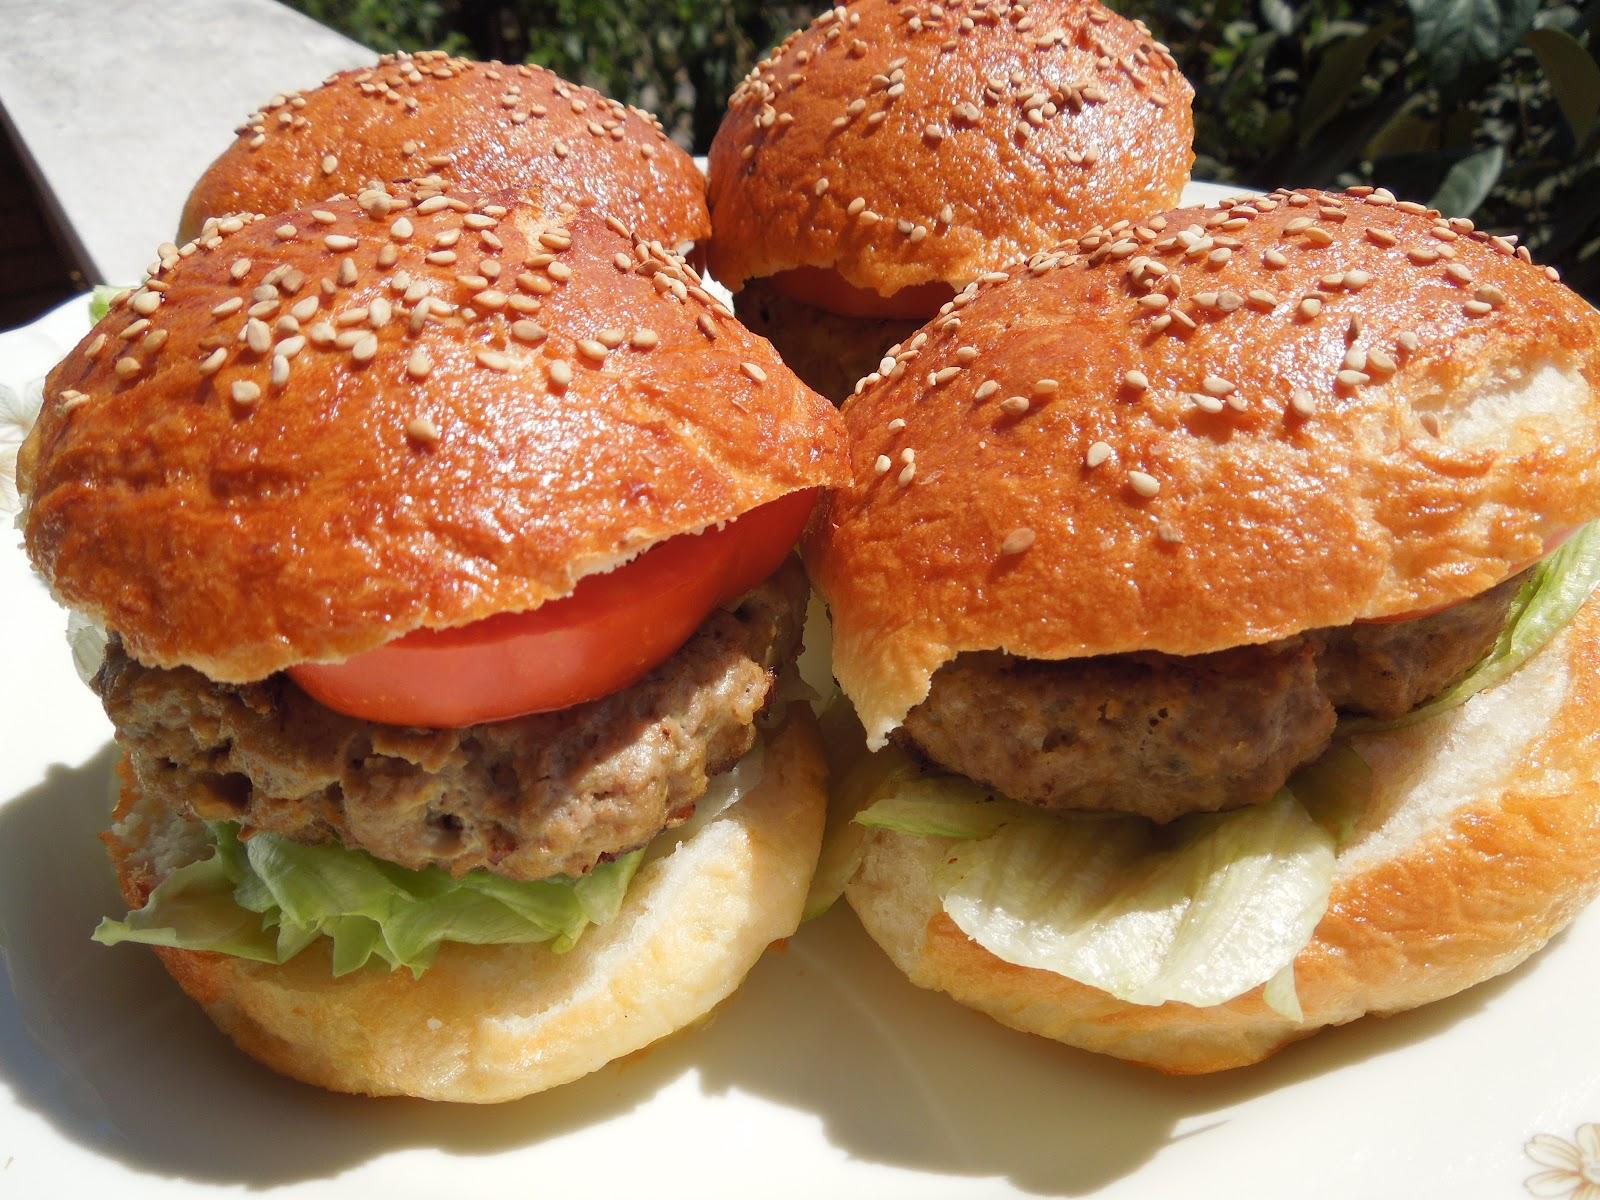 Ben noto cibo che fa sognare  senza glutine: PANINI CON L'HAMBURGER  MB98